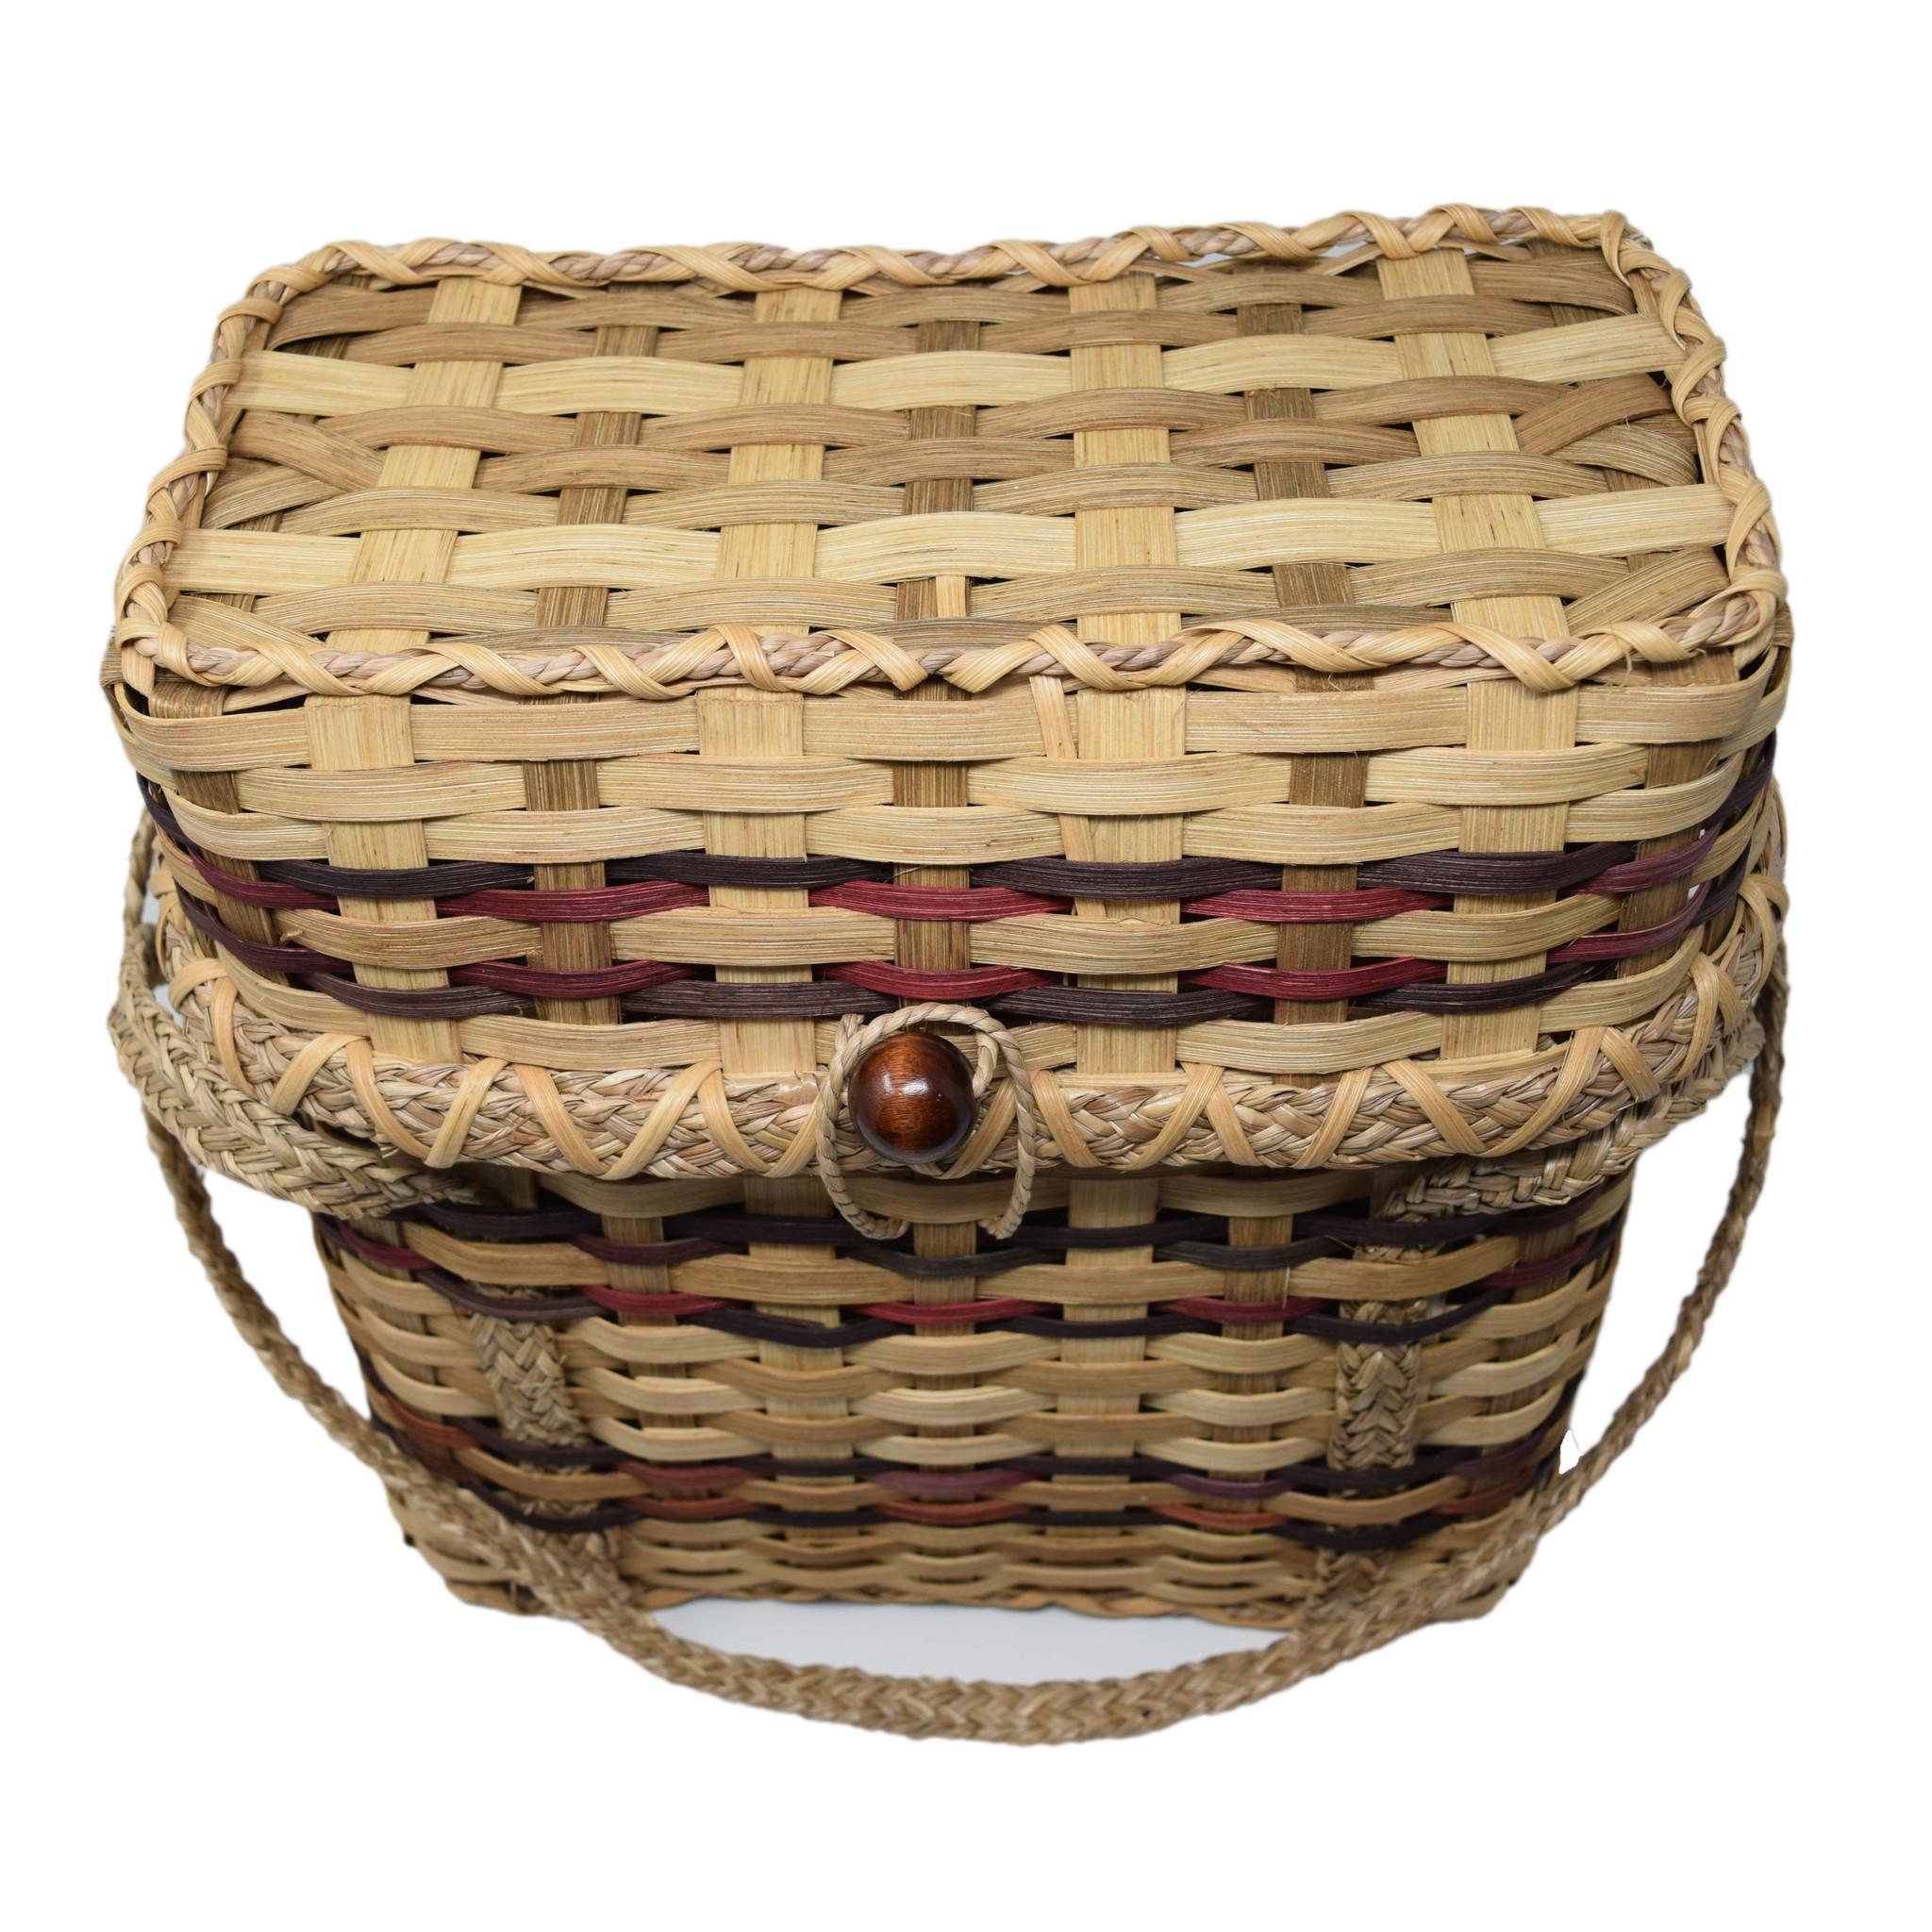 Haitian Tote Basket-4